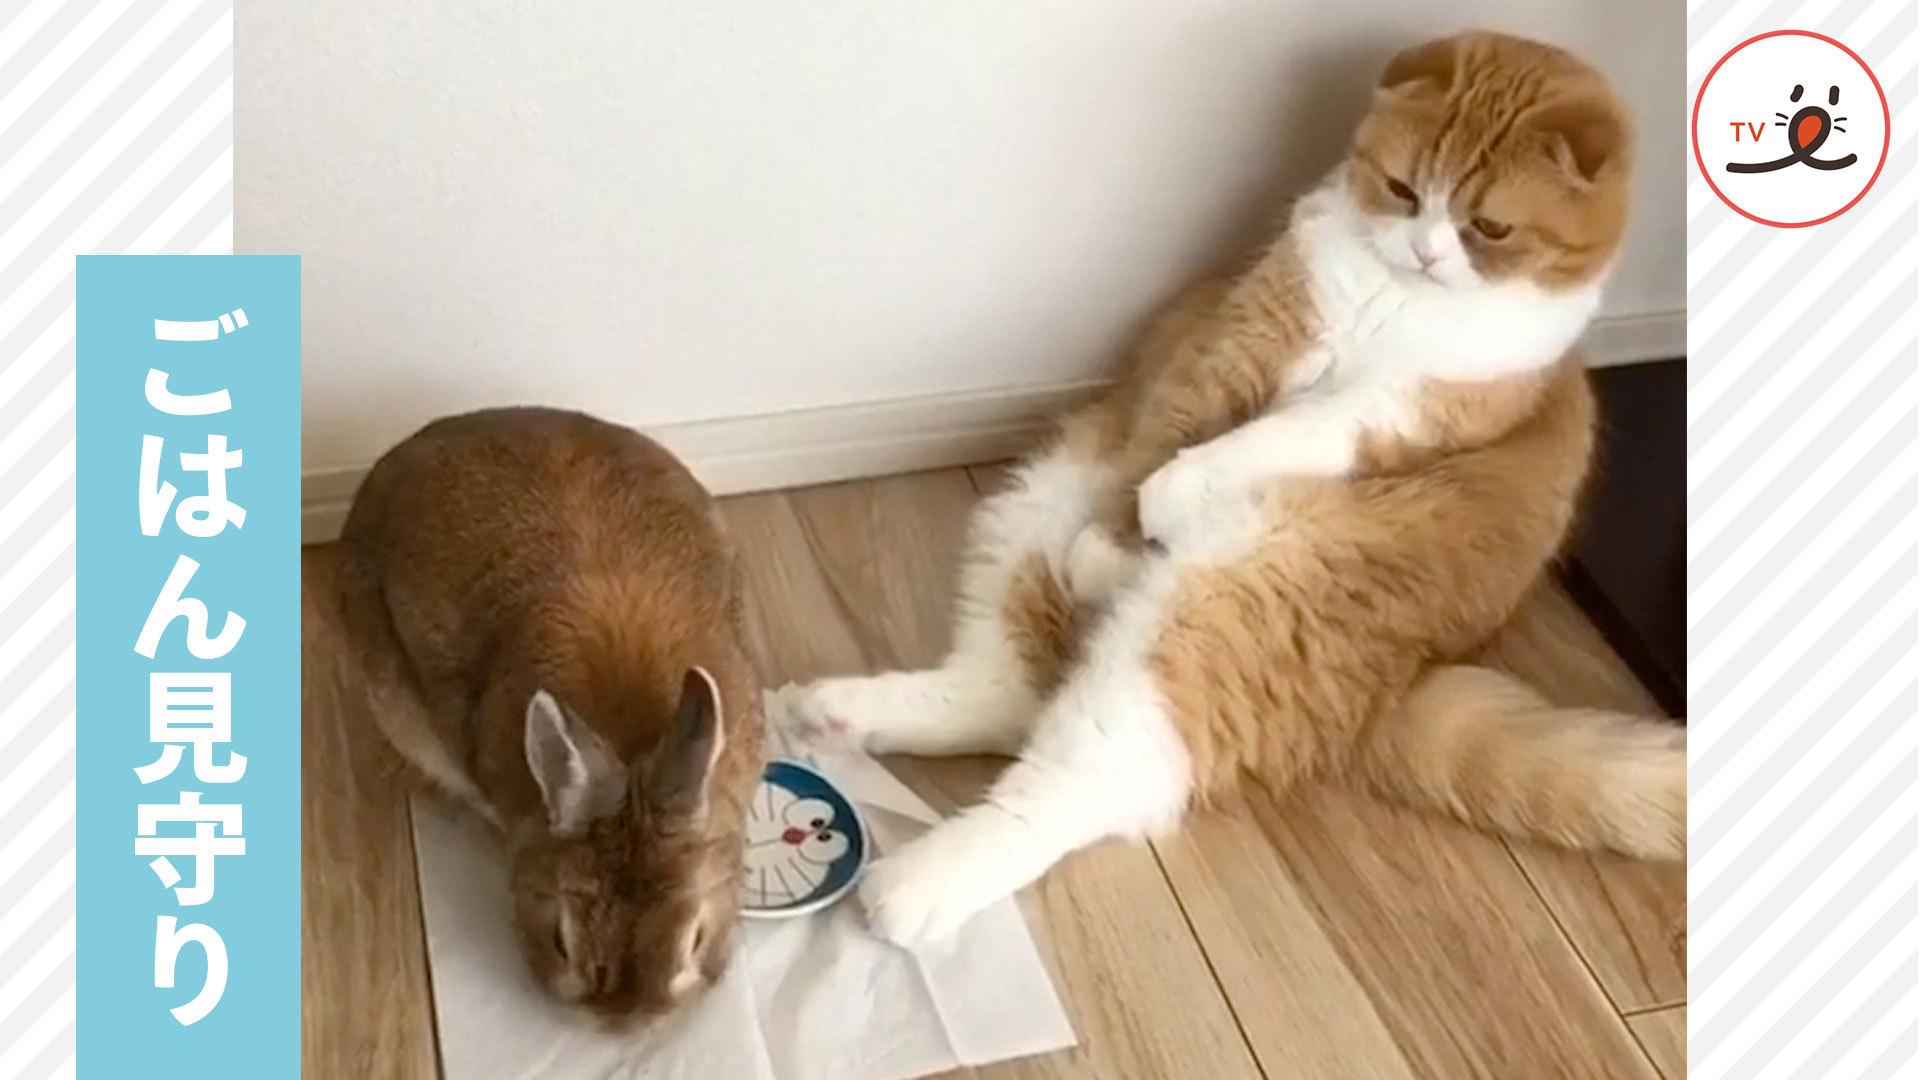 😺「ちゃんと食べてるか〜?」 うさぎさんの食事を見守るニャンコだけど…👀